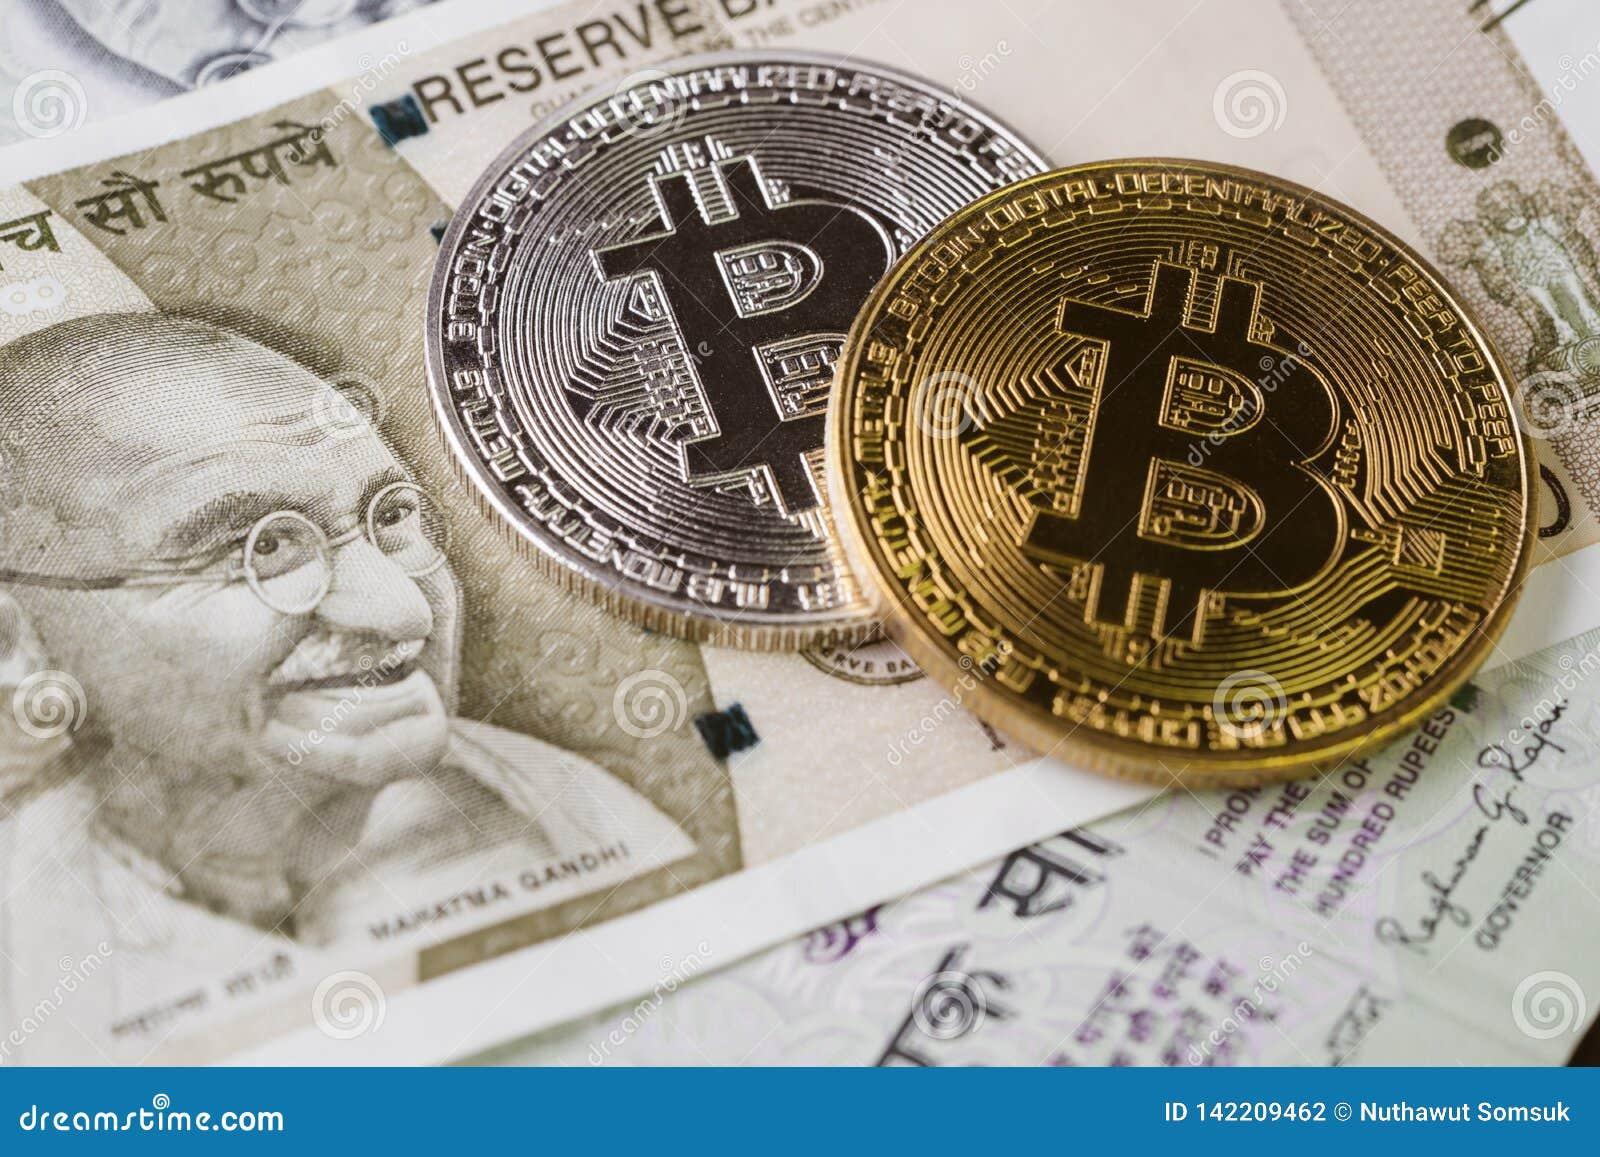 bitcoin la rupee bitcoin houston